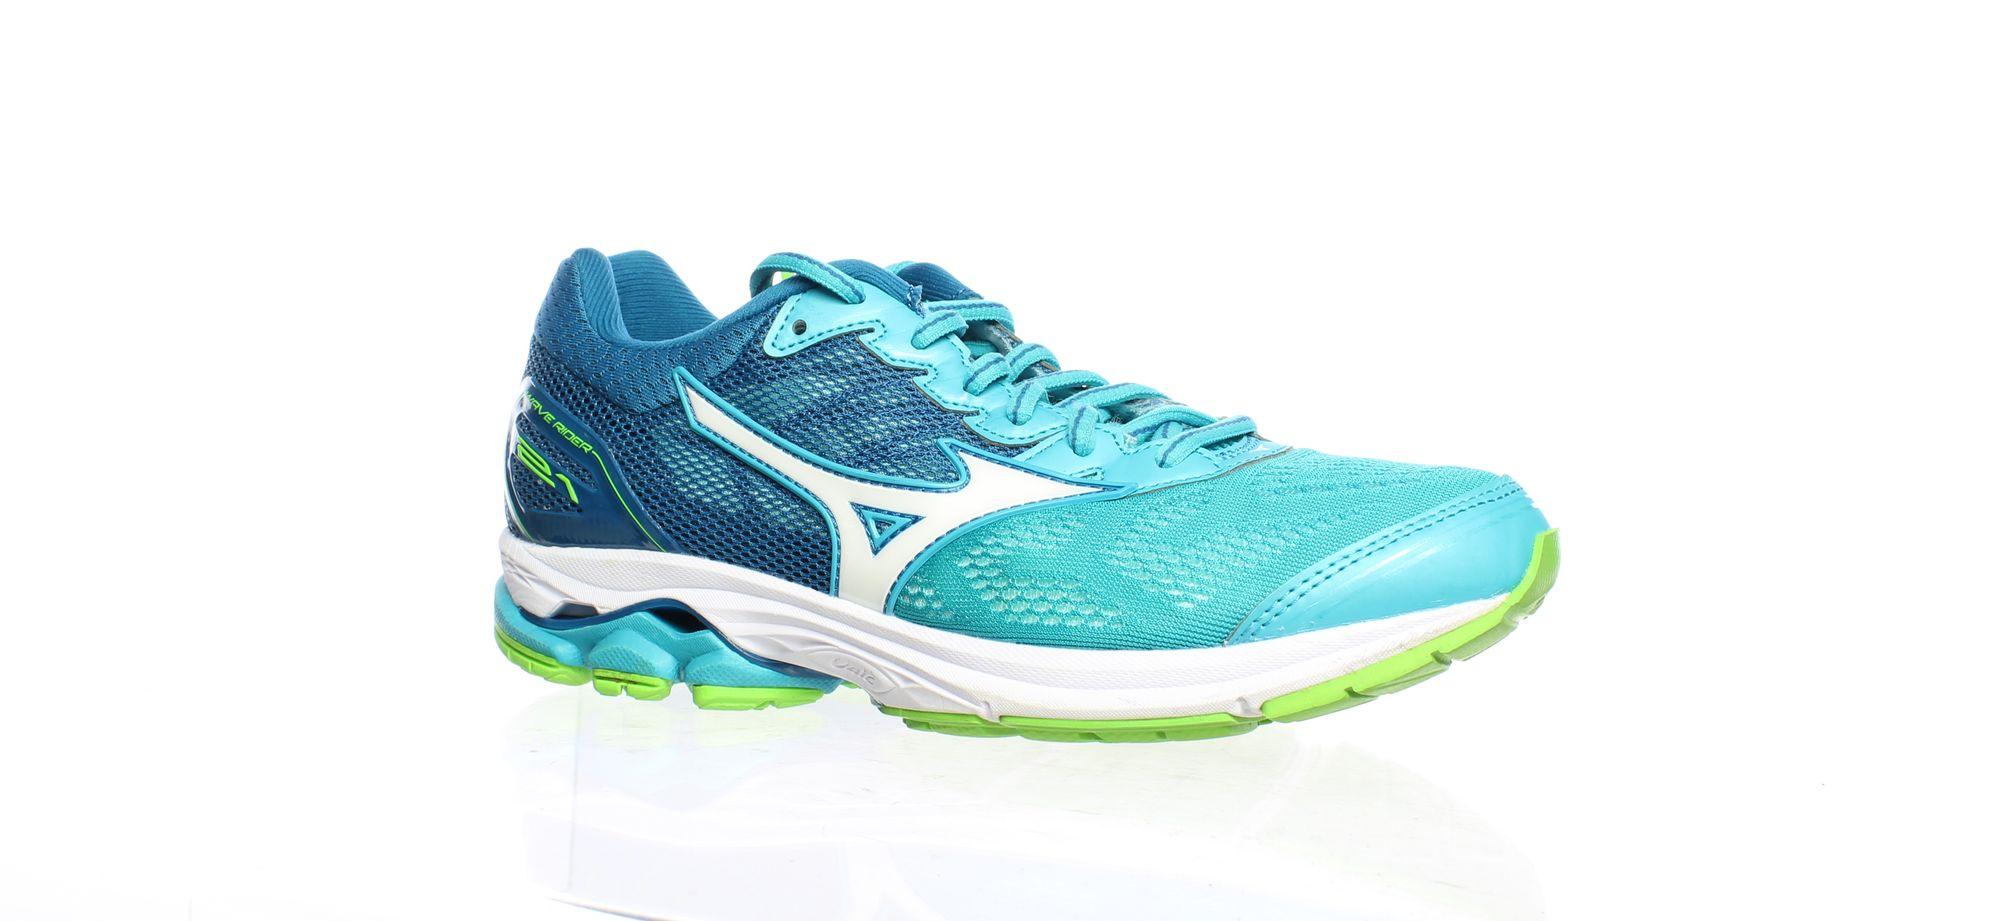 mizuno womens running shoes size 8.5 in usa long length